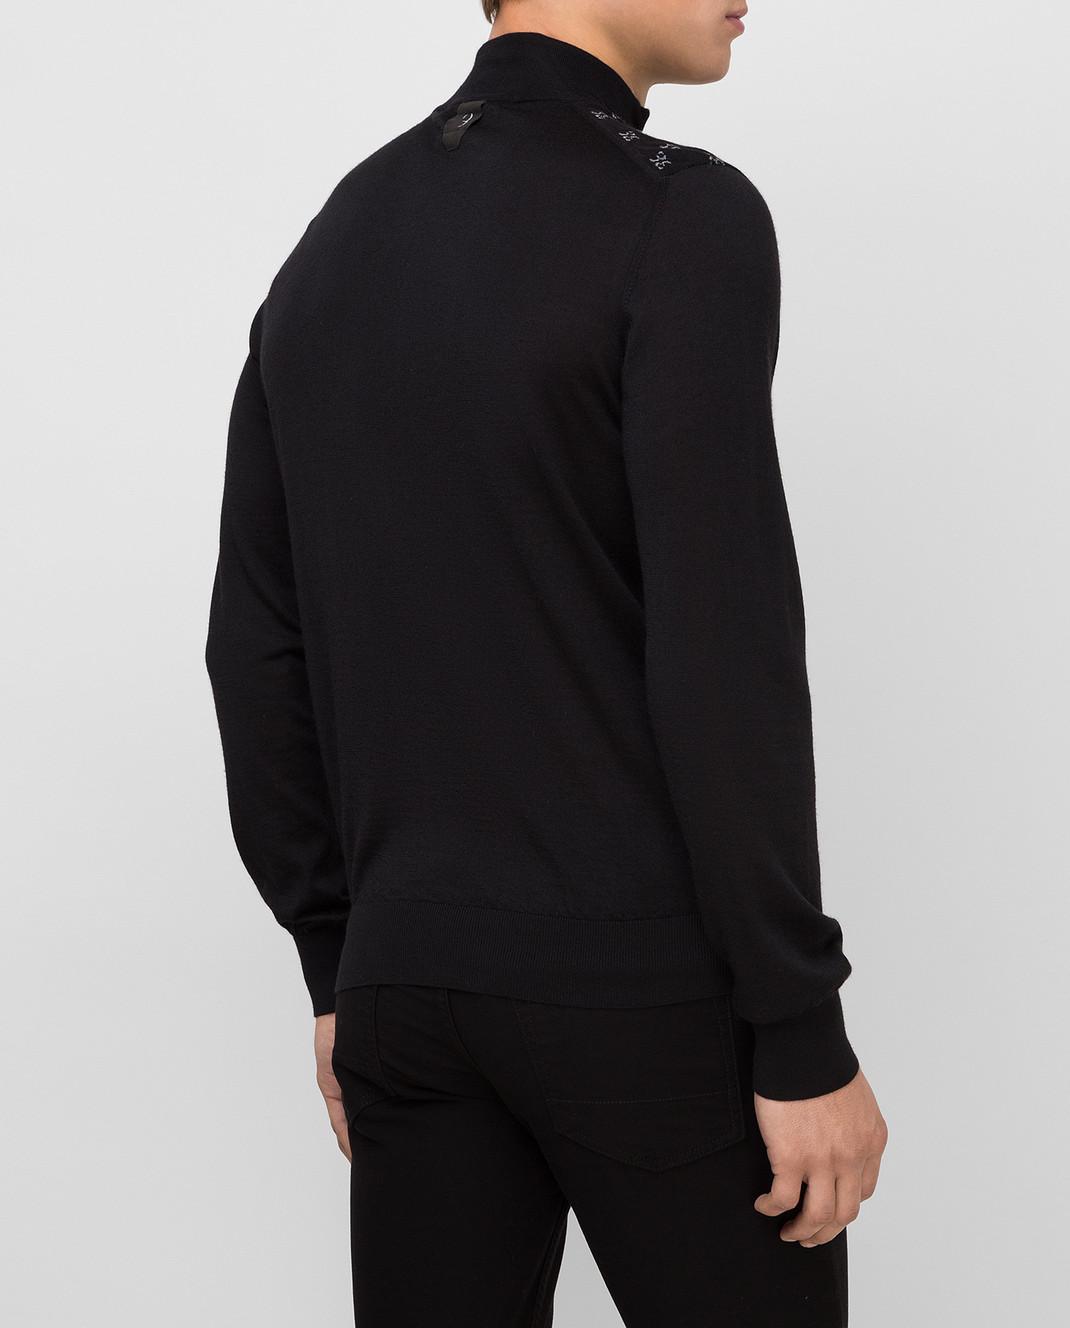 Billionaire Черное поло из шерсти, шелка и кашемира изображение 4